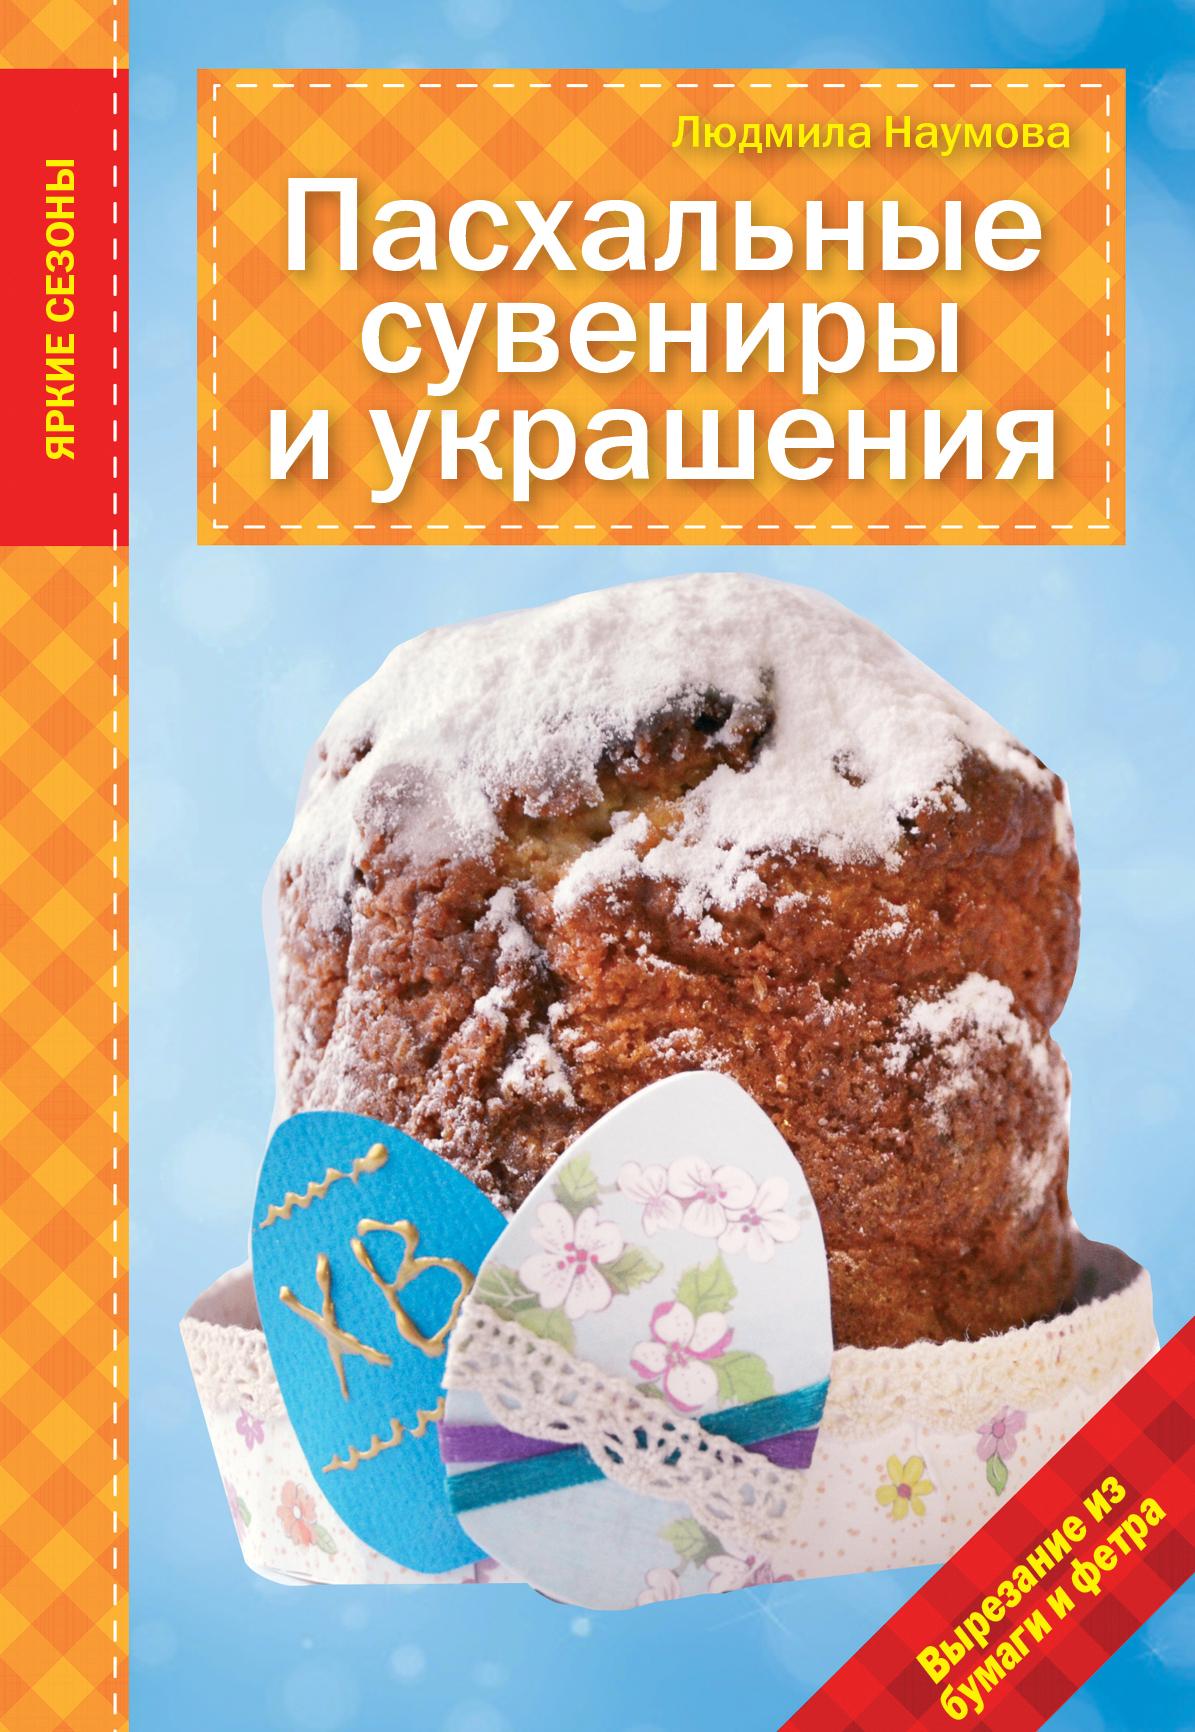 Пасхальные сувениры и украшения ( Наумова Л.  )